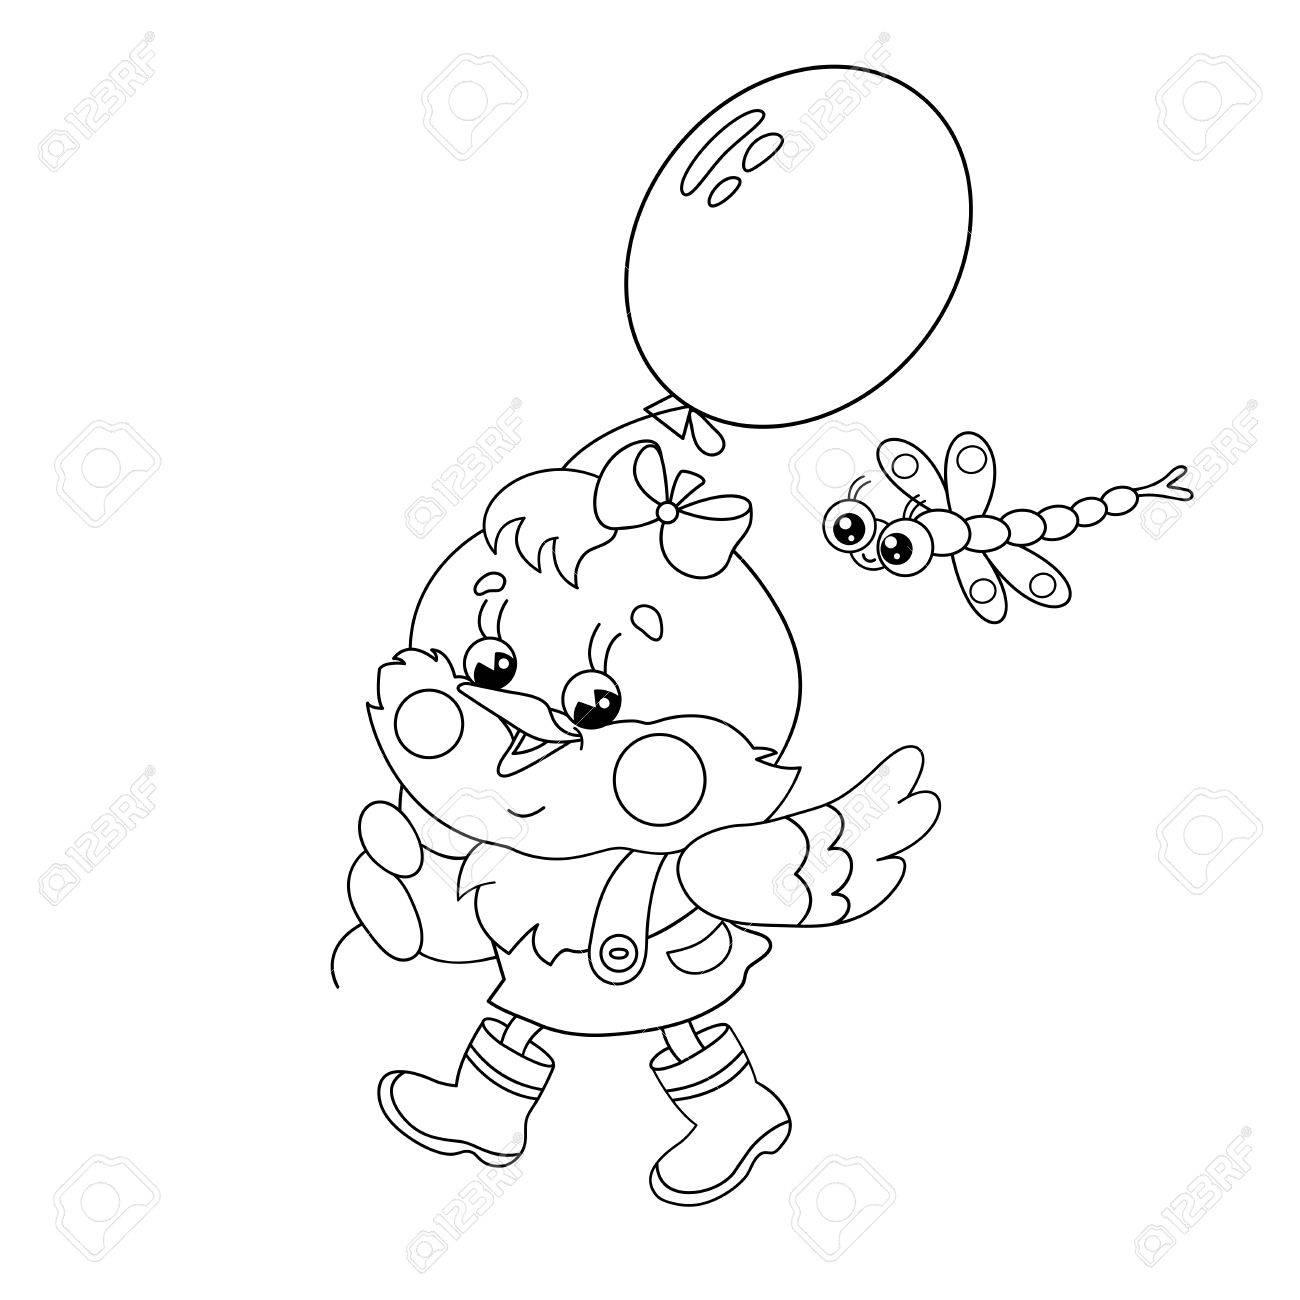 Malvorlagen Umriss Eines Glücklichen Huhn Zu Fuß Mit Einem Ballon ...